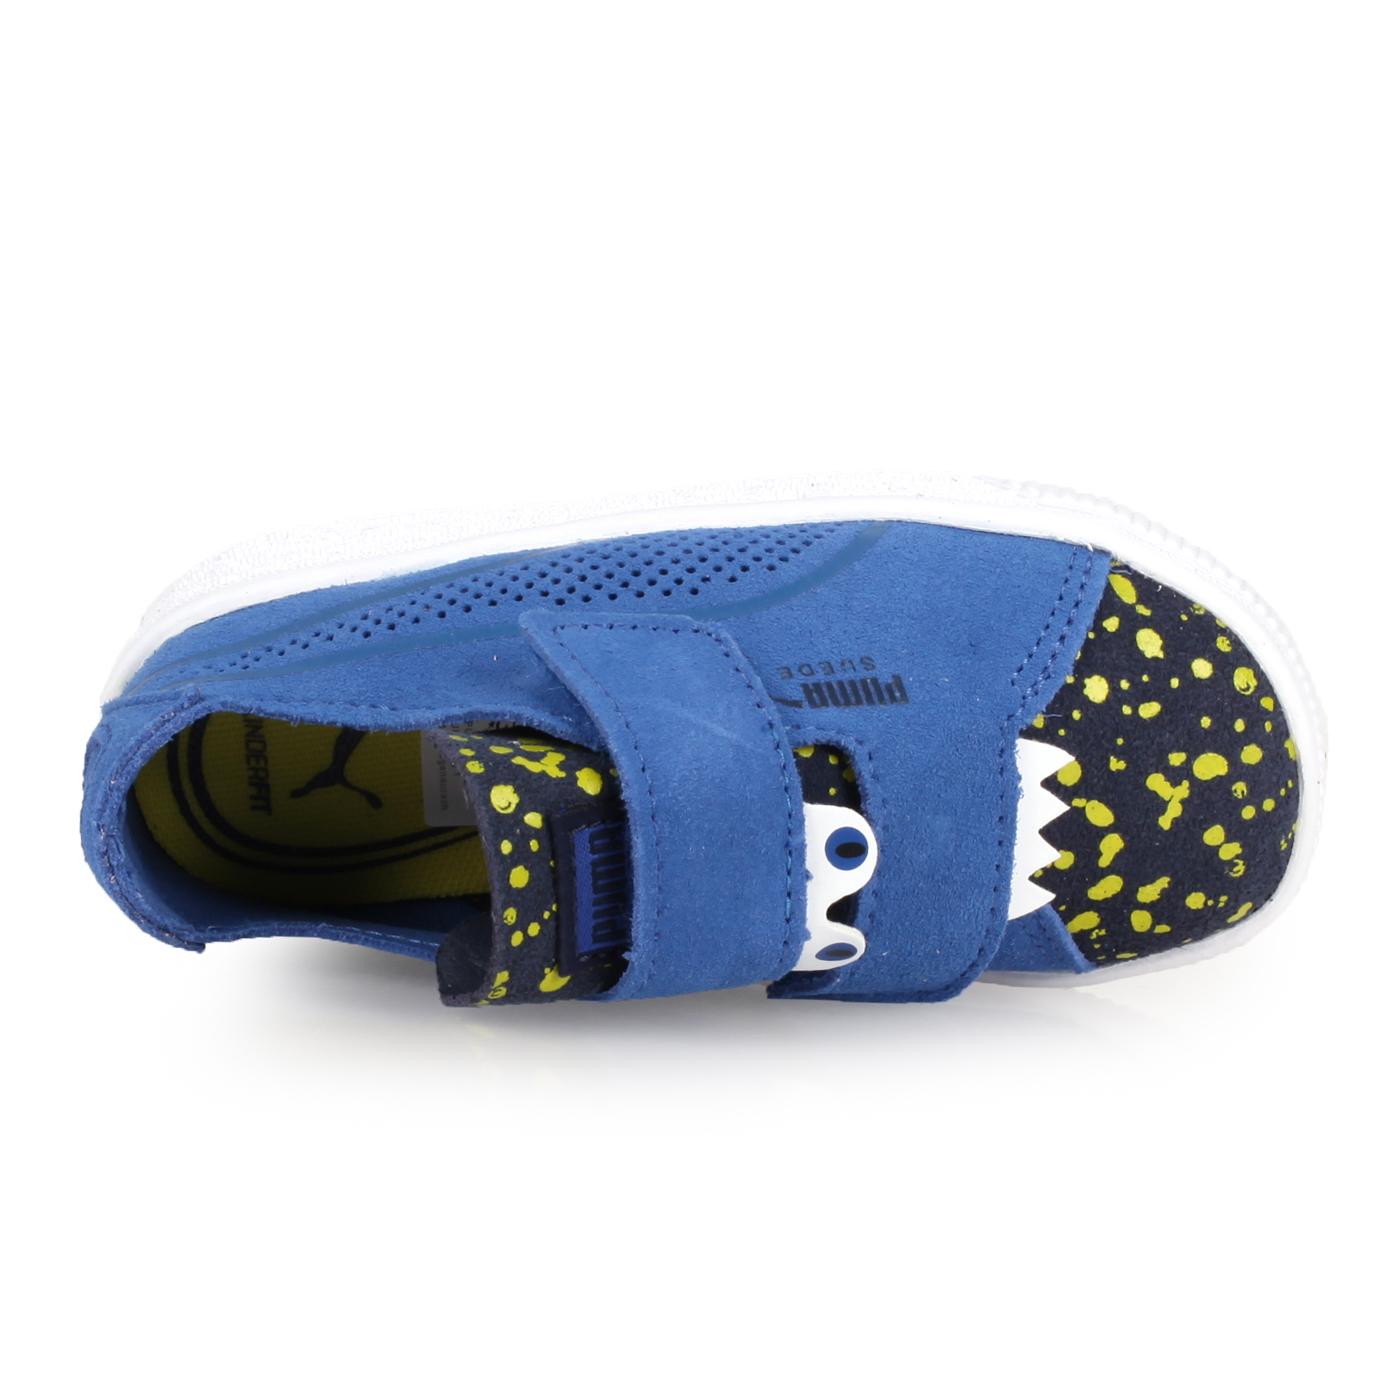 PUMA 兒童怪獸休閒鞋  @Suede Deconstr.Monster V lnf@36909301 - 藍白黃